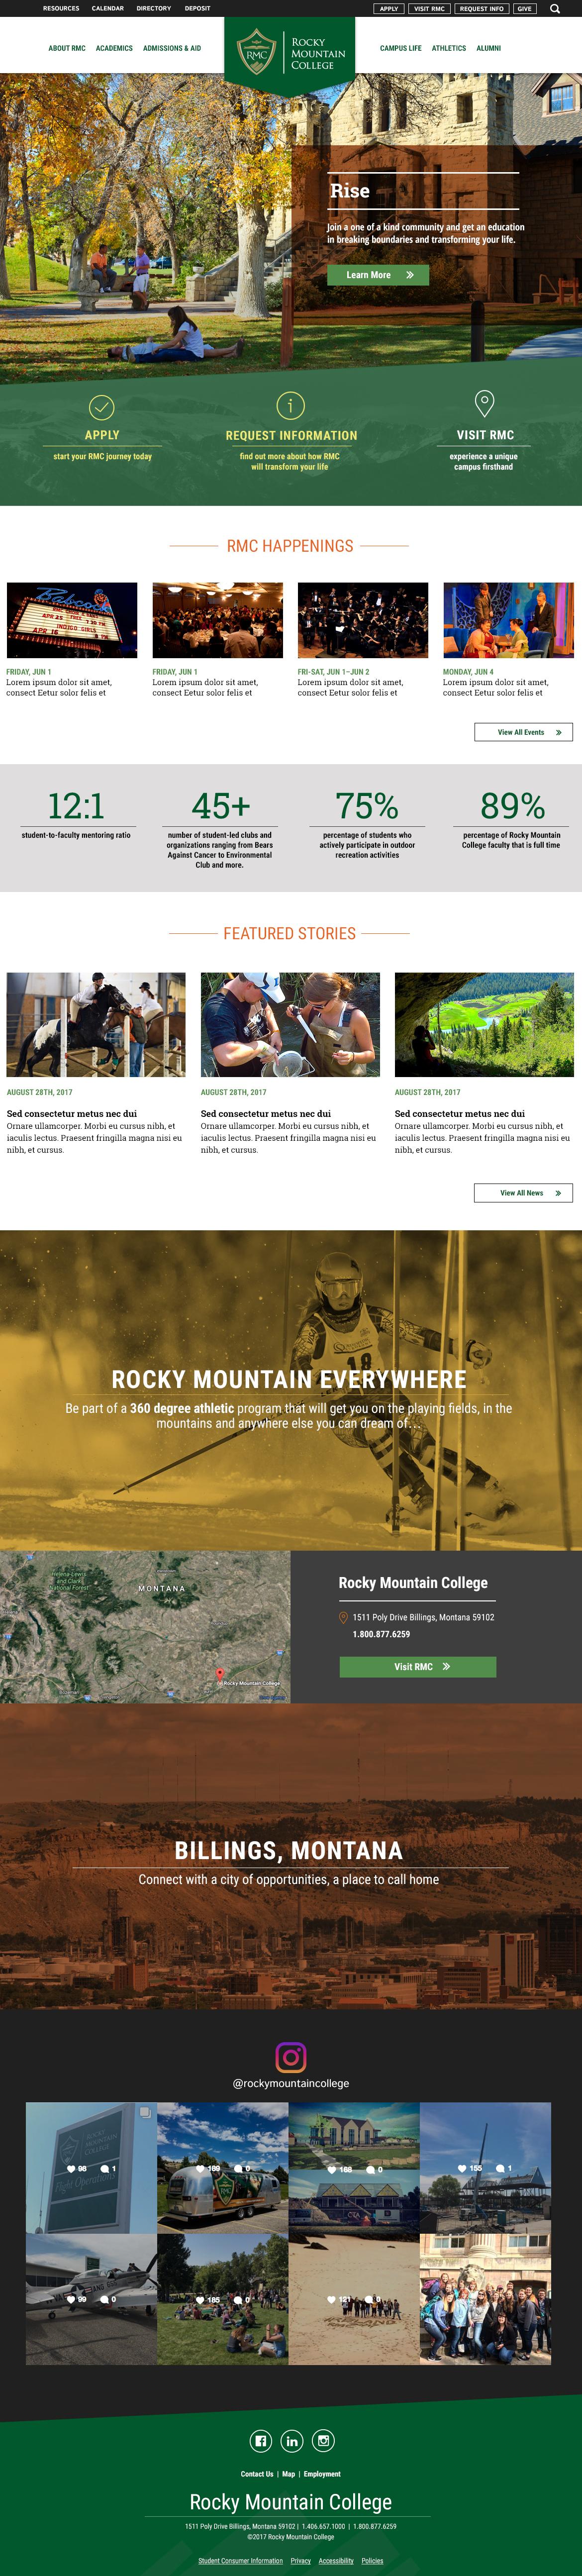 RMC-Homepage-1170-1